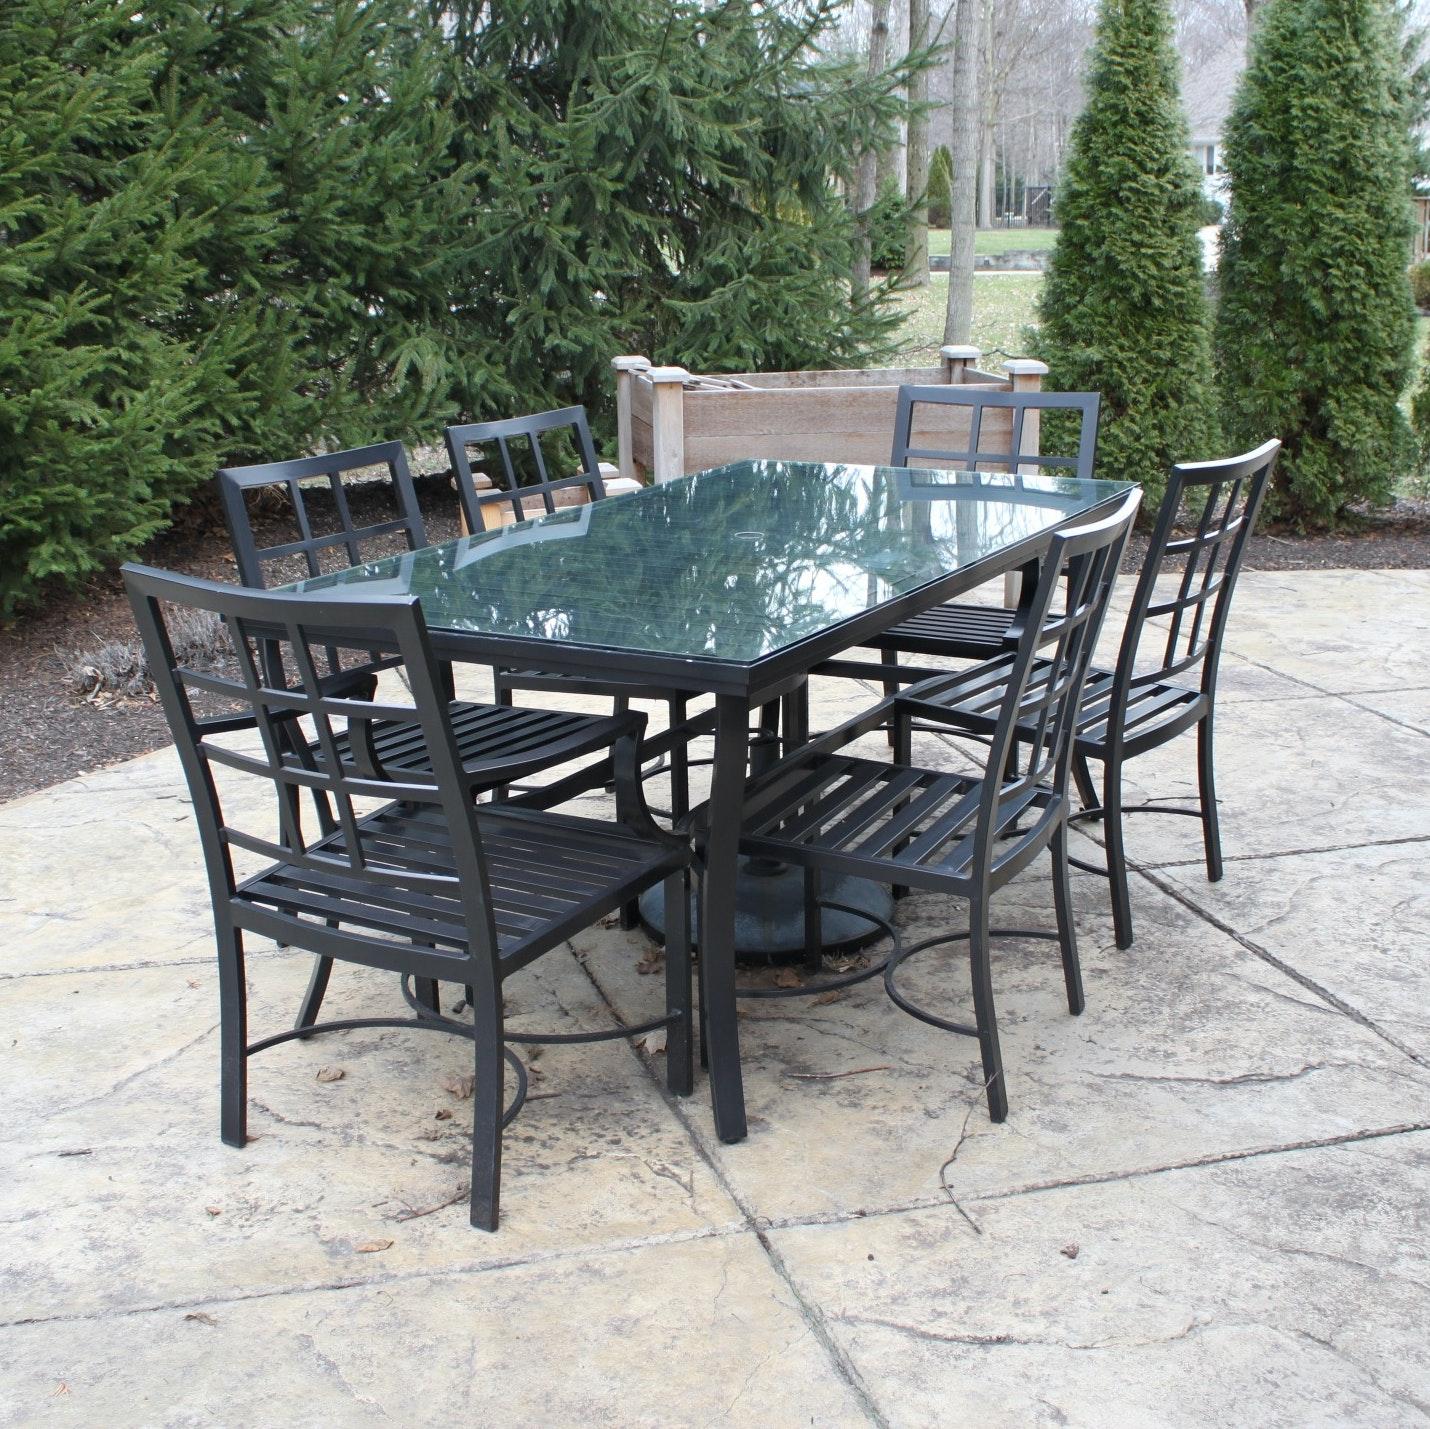 pottery barn riviera dining patio table with chairs ebth rh ebth com agio riviera patio furniture riviera patio set